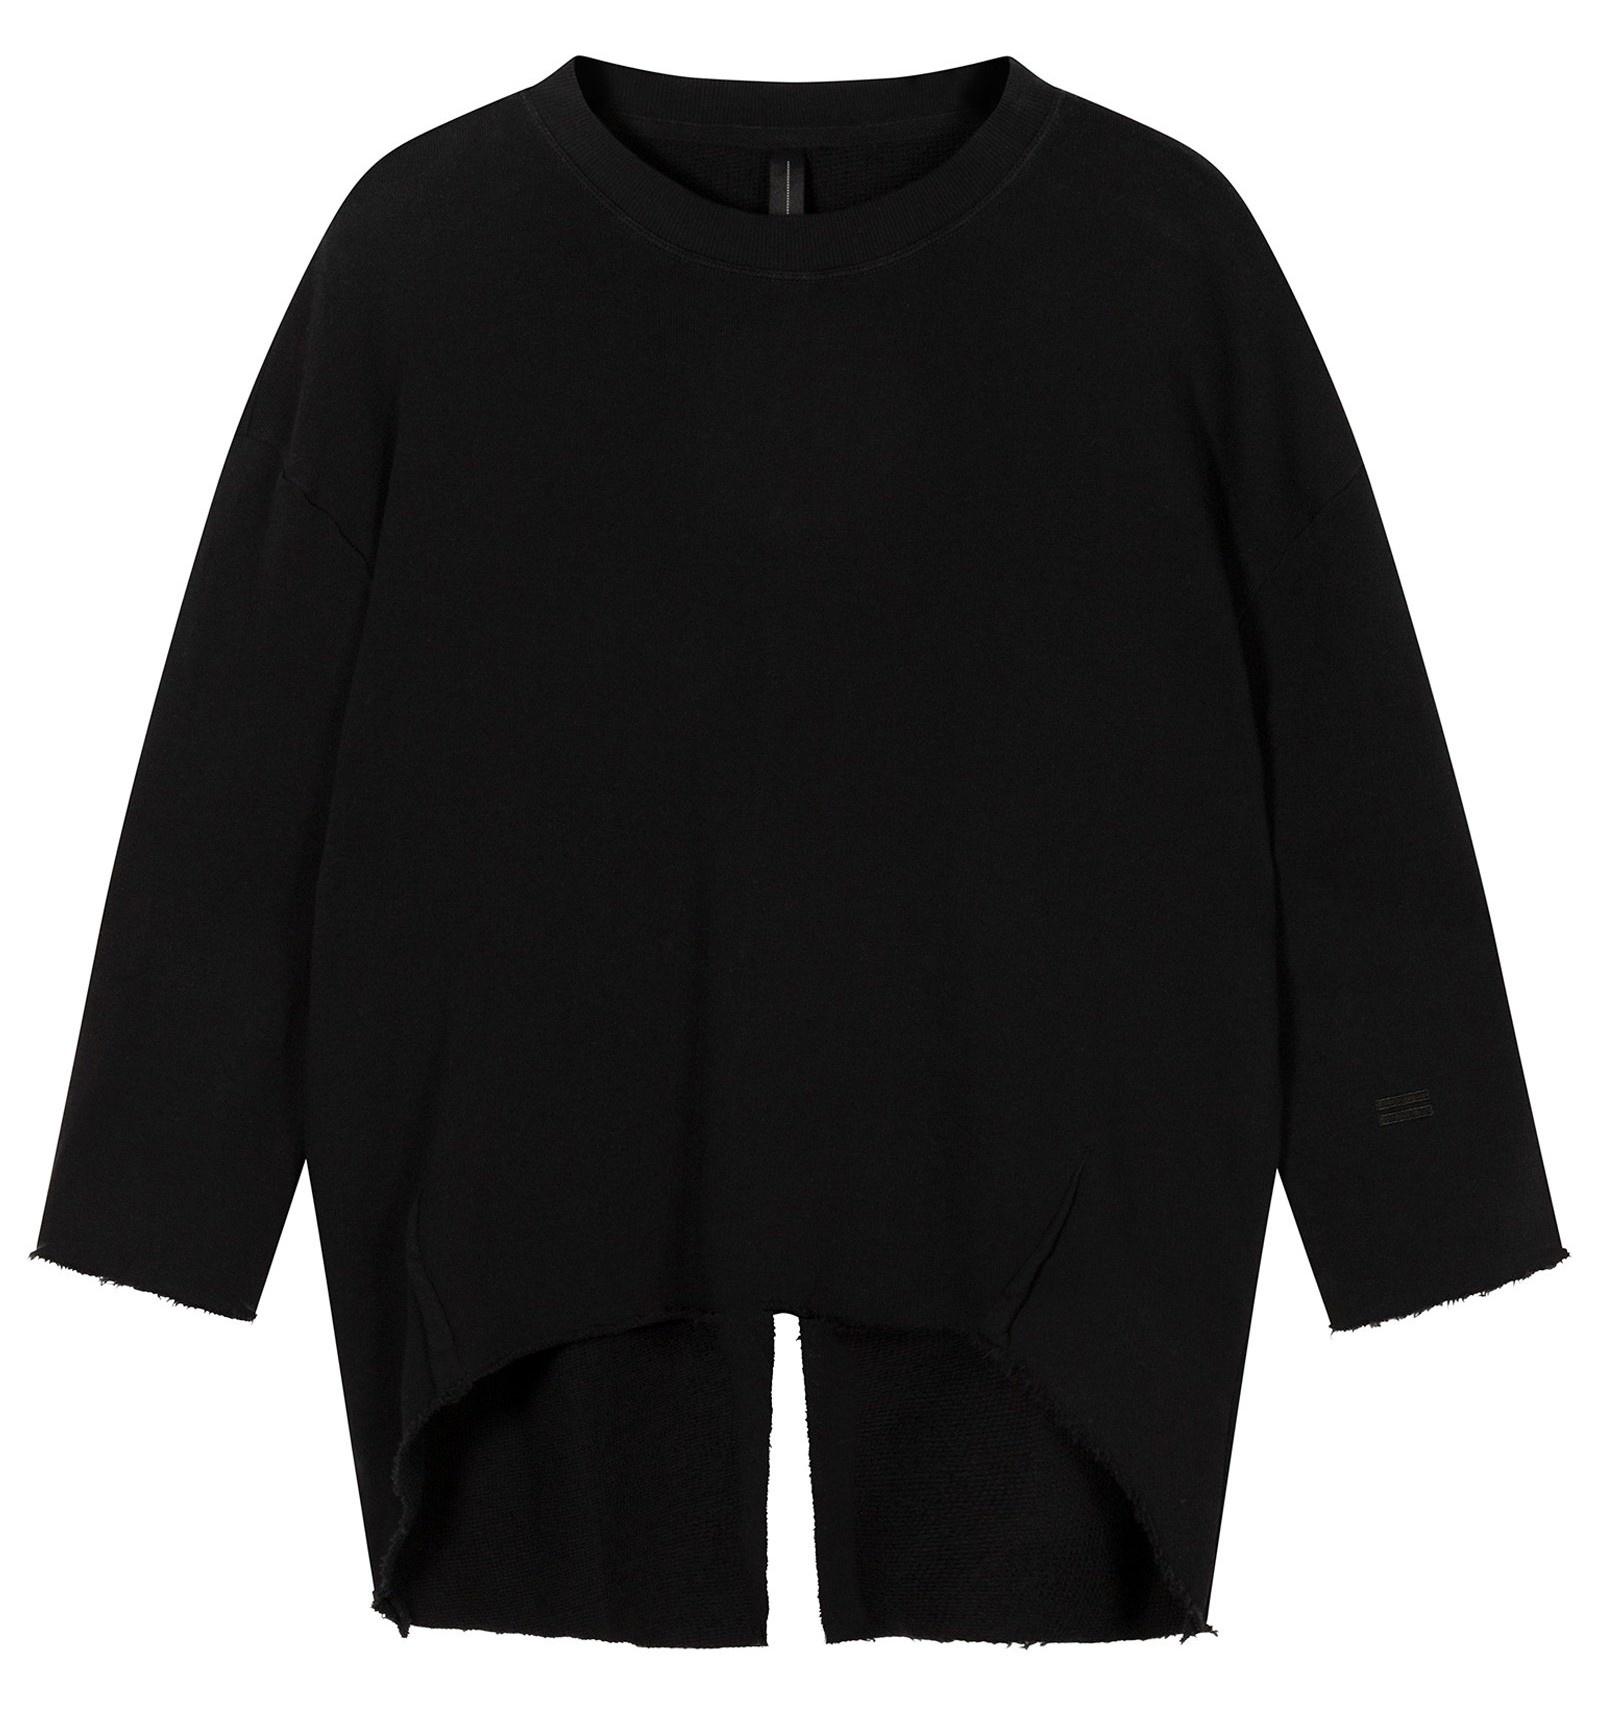 Trui sweater split black-1